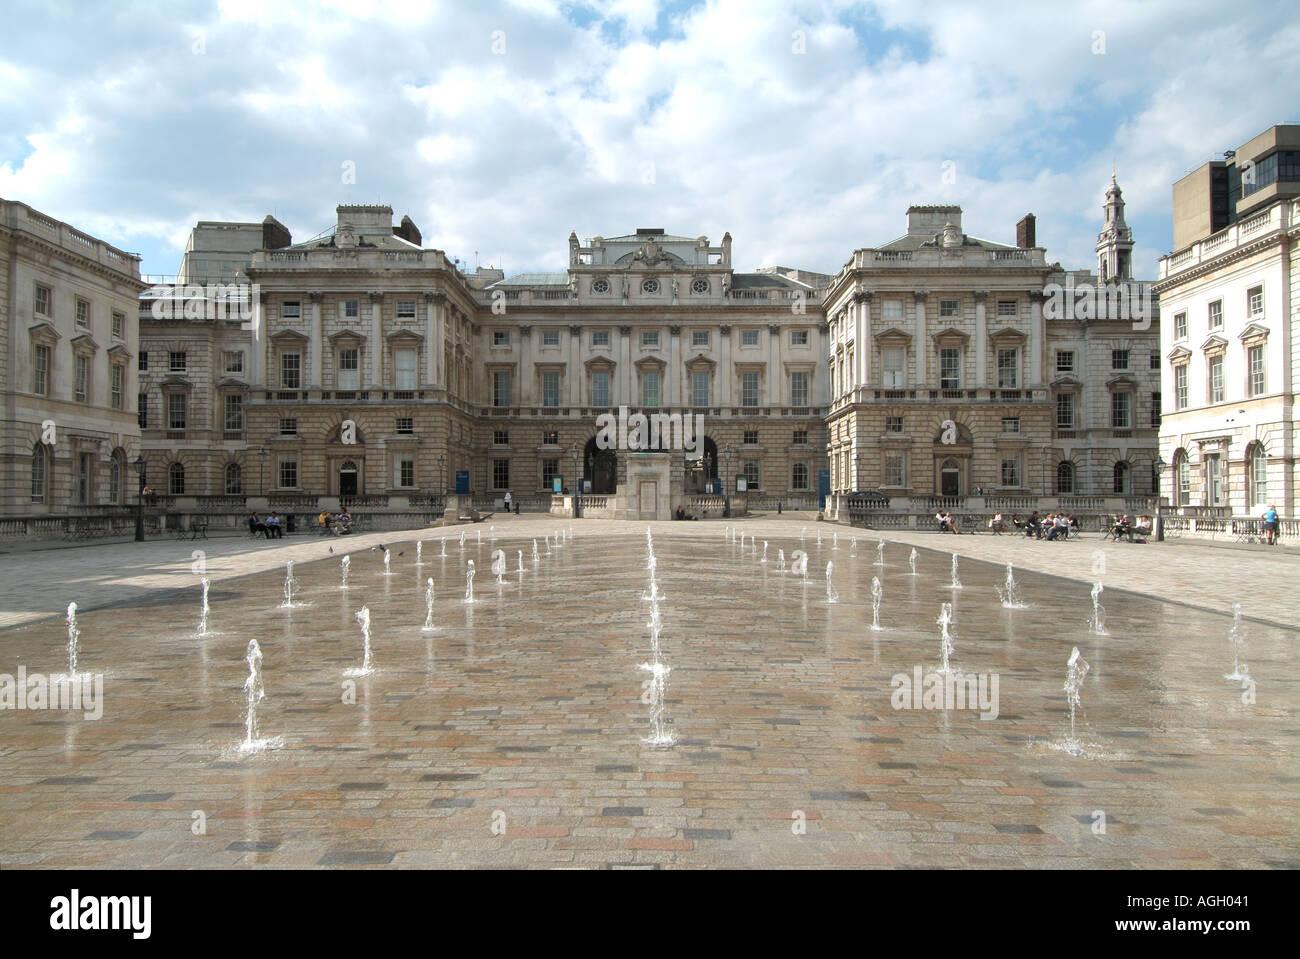 Les fontaines d'eau dans la cour de Somerset House, un bâtiment néoclassique dans le Strand Londres Photo Stock